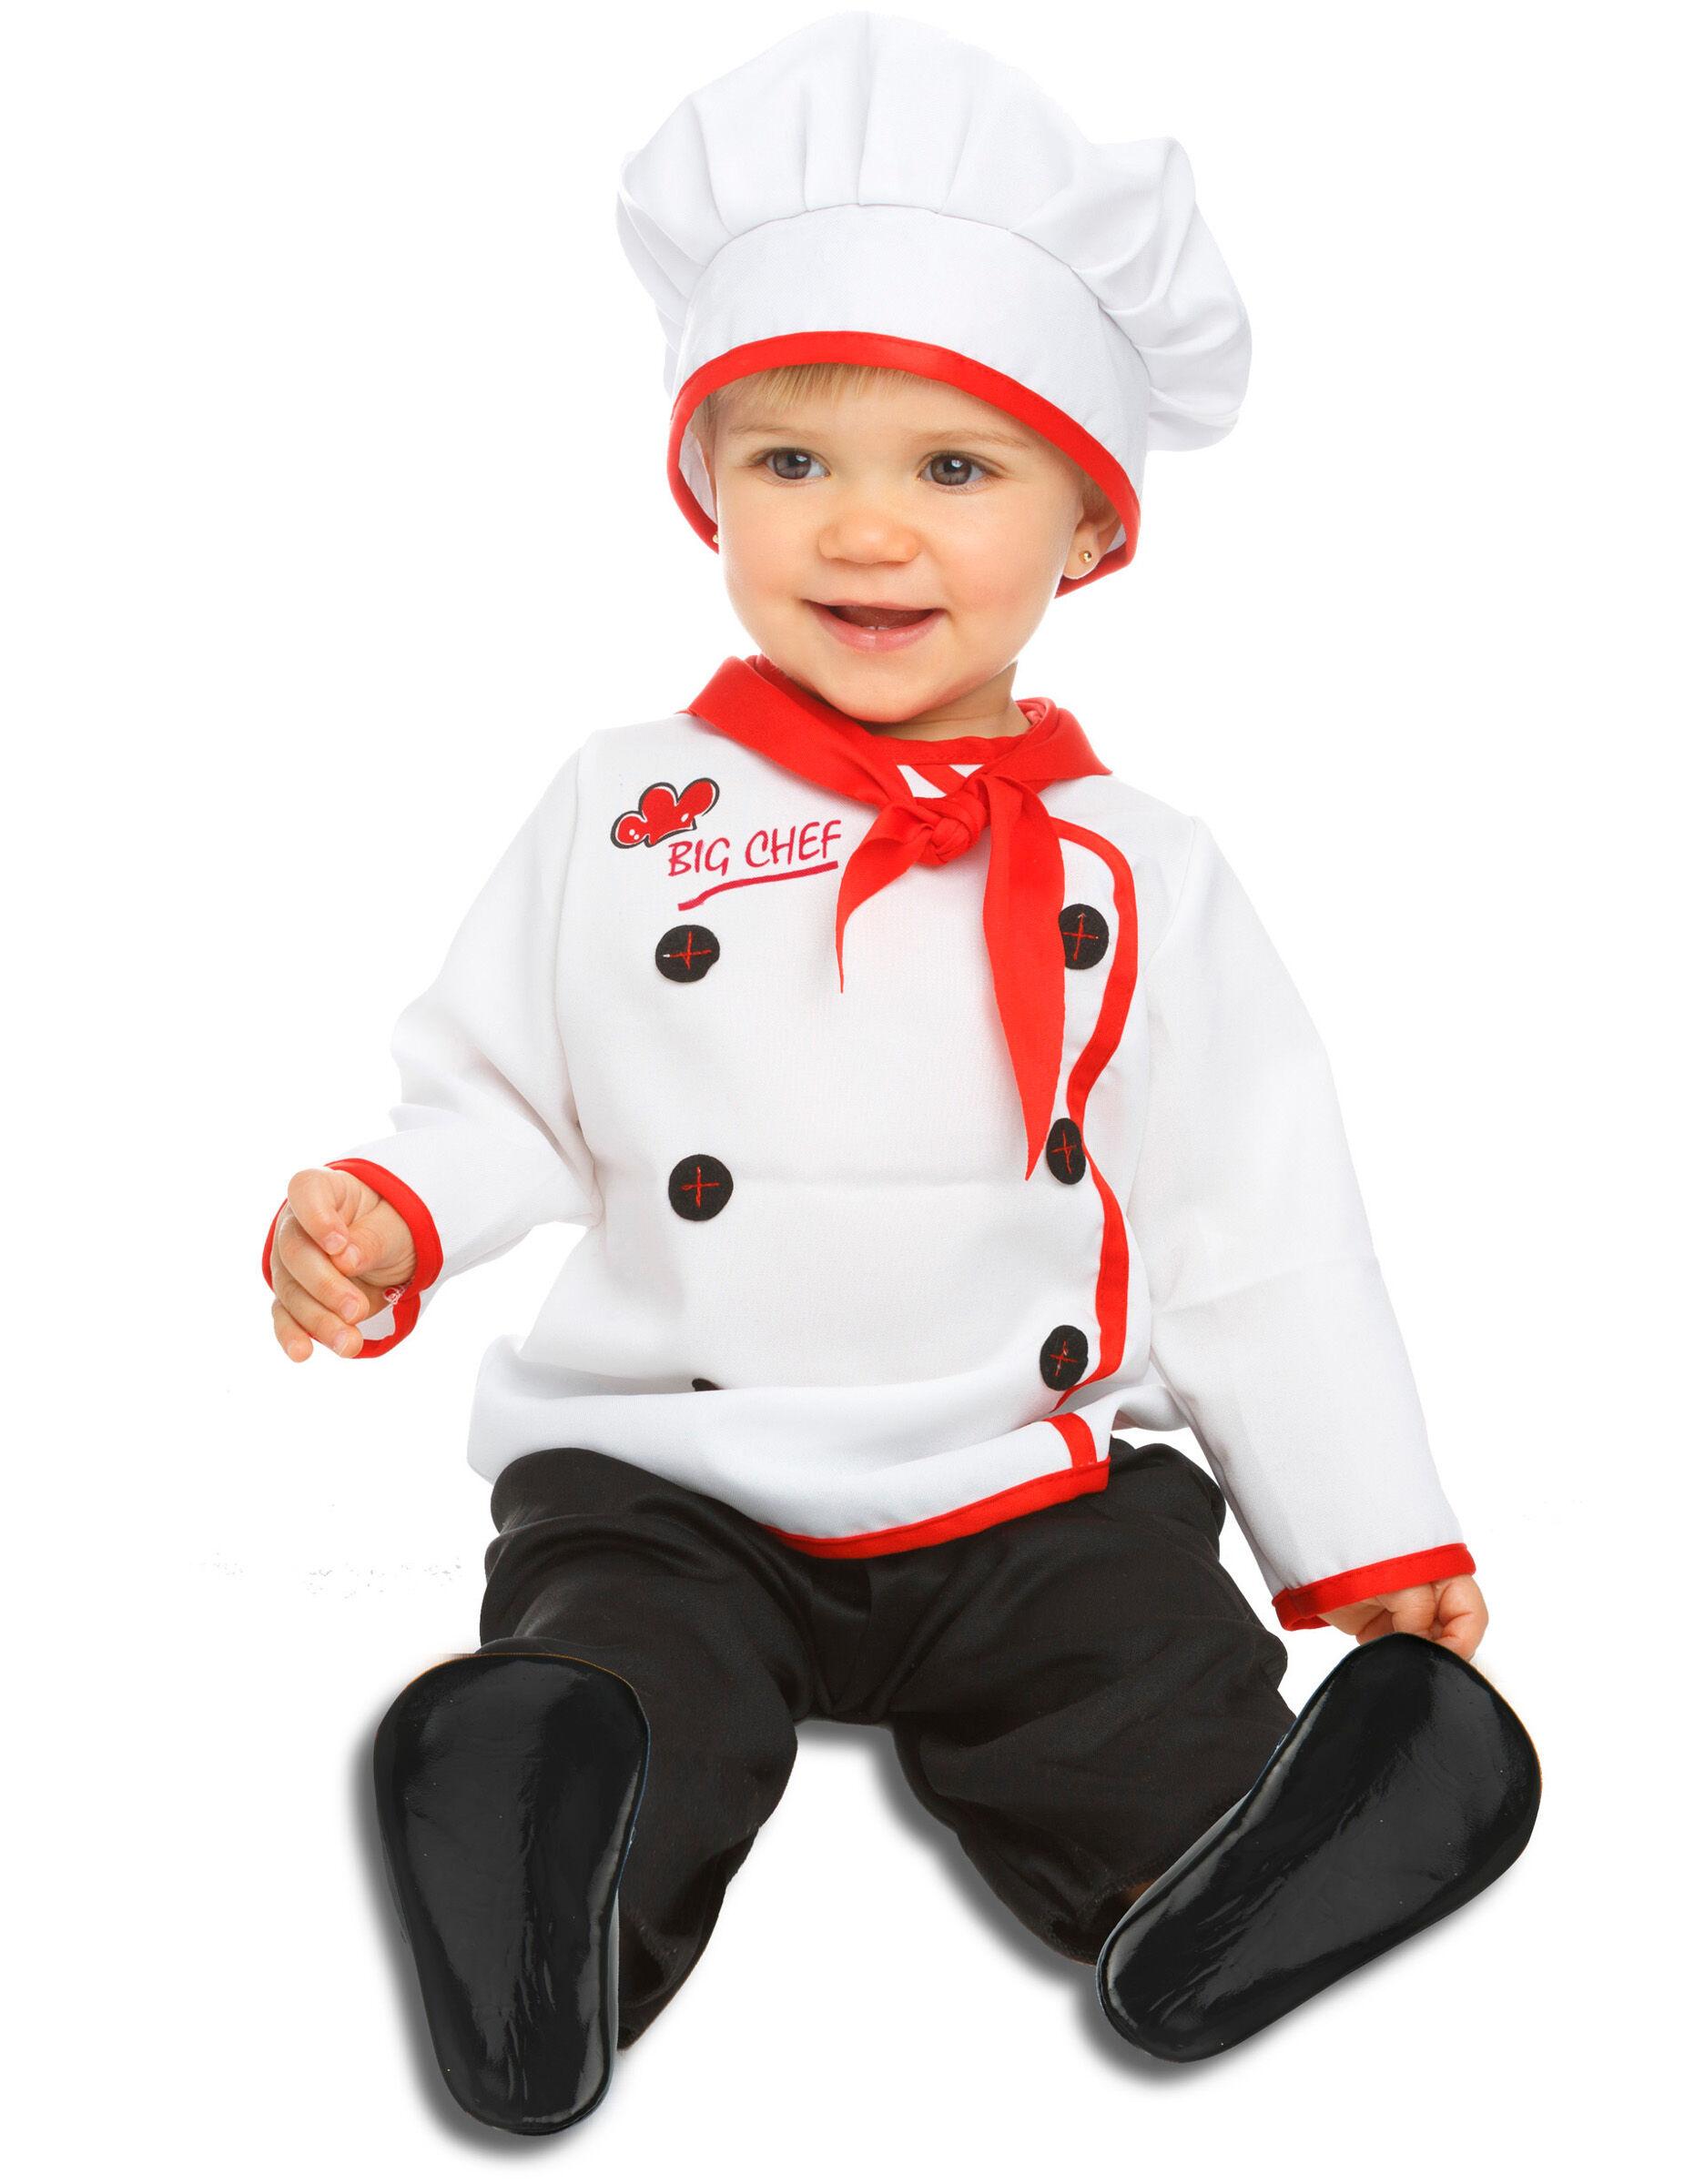 Deguisetoi Déguisement petit chef bébé - Taille: 7 - 12 mois (74 - 80 cm)